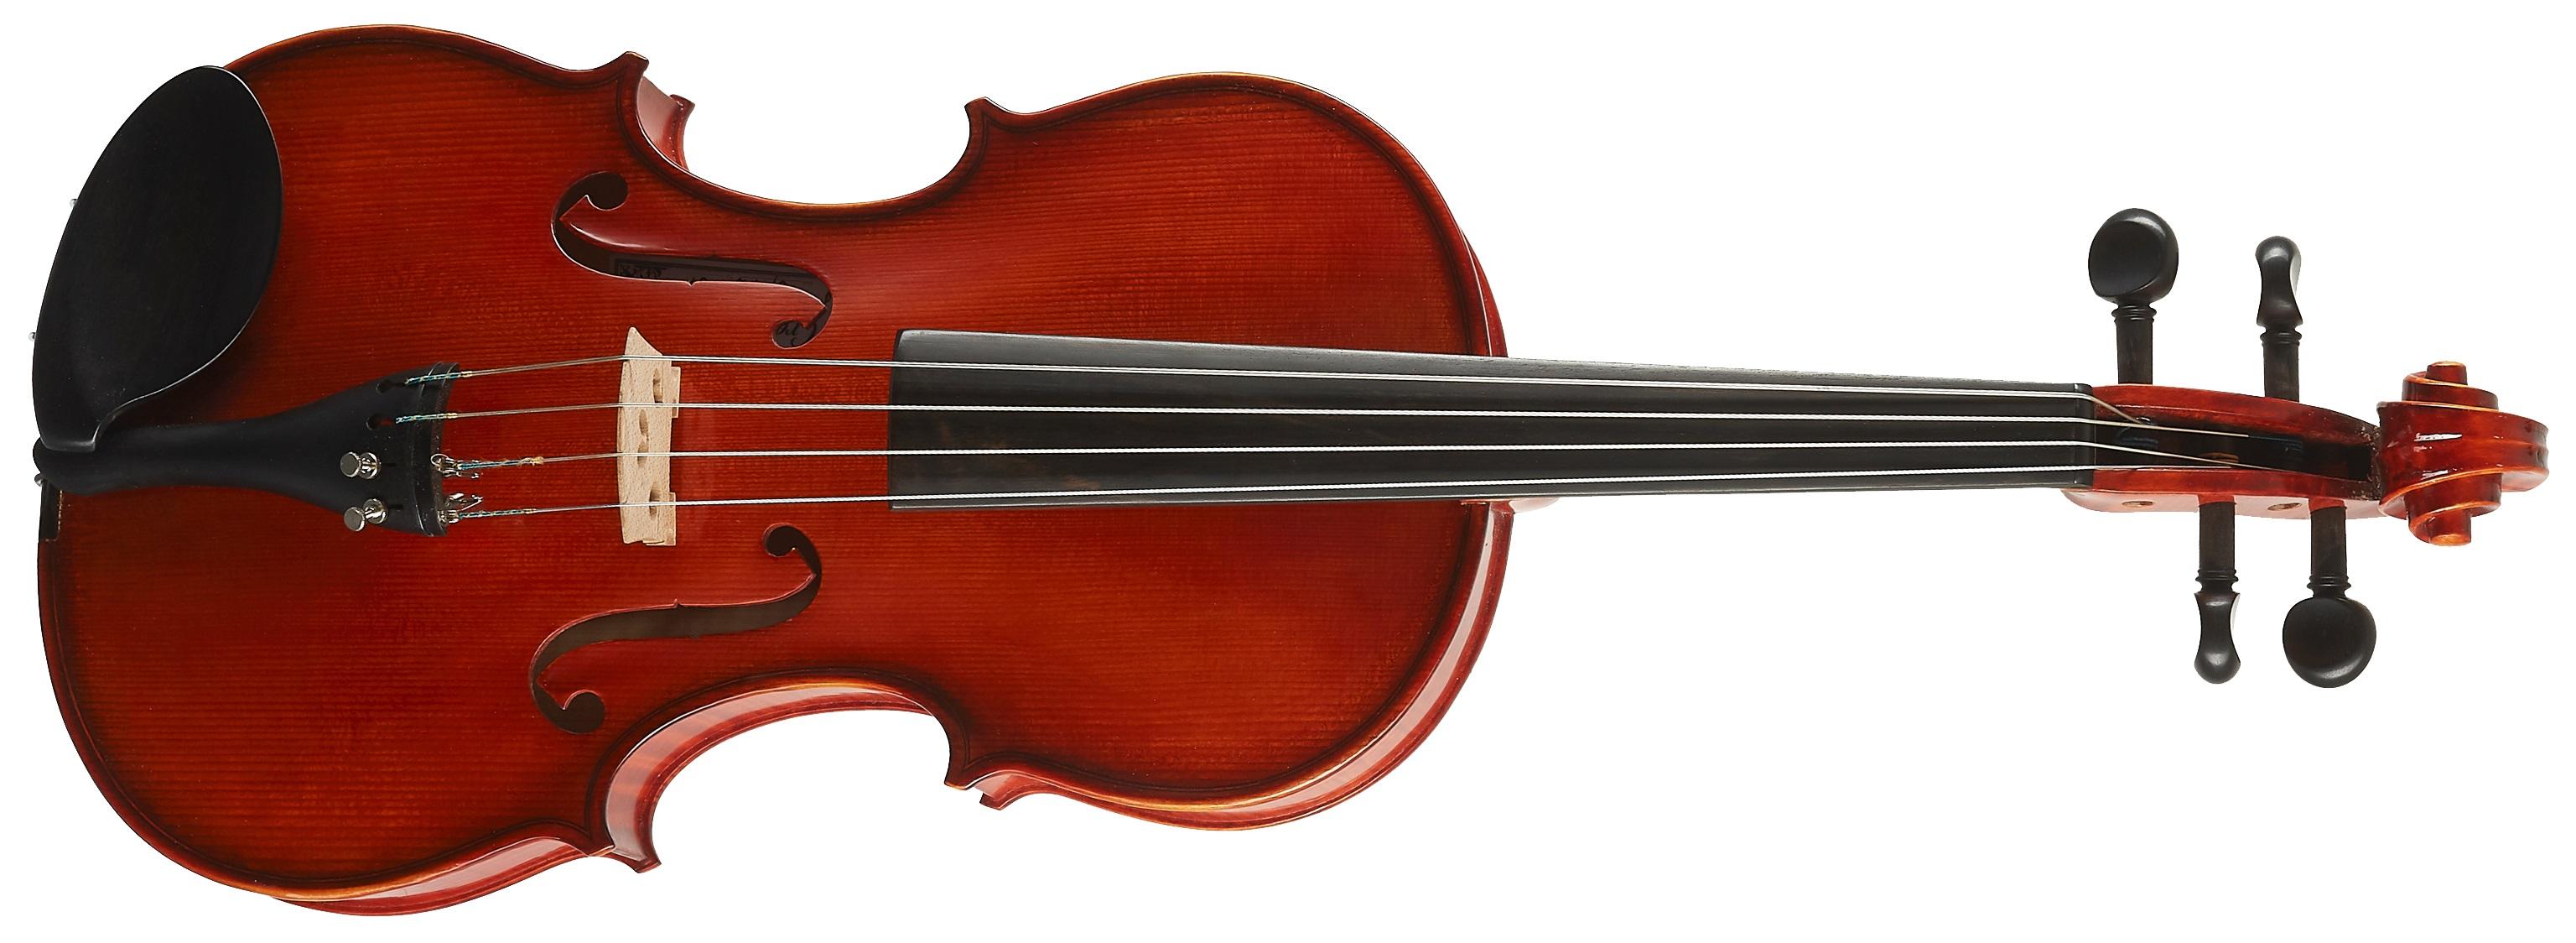 Cremona Viola Maestro 3/160 39cm